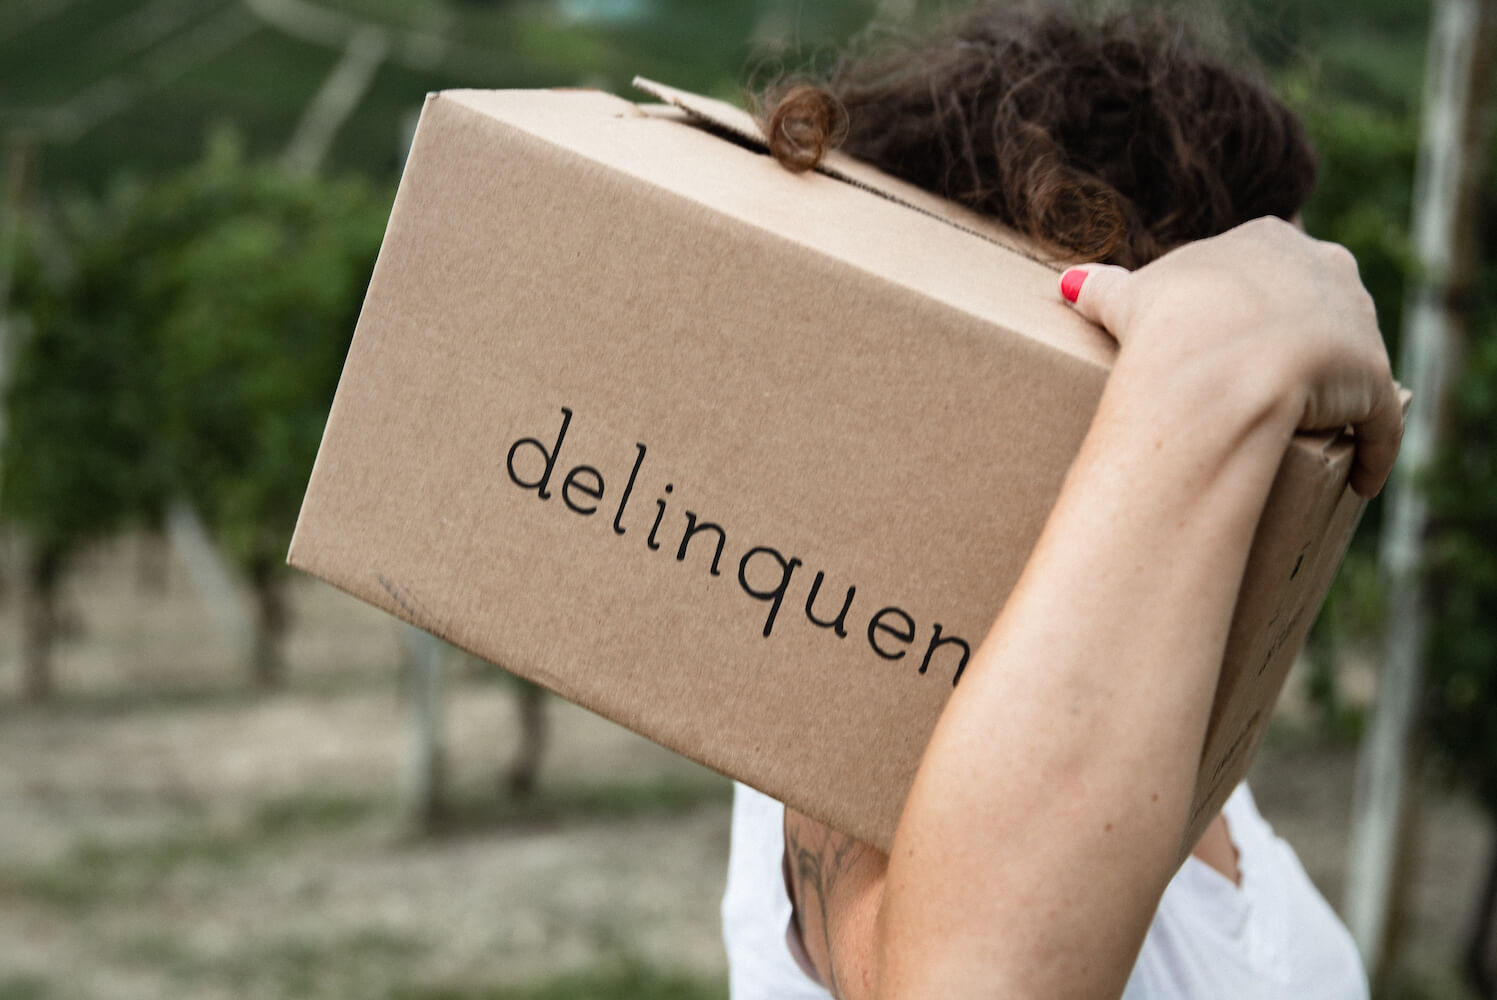 Delinquent 3 5.Jpeg